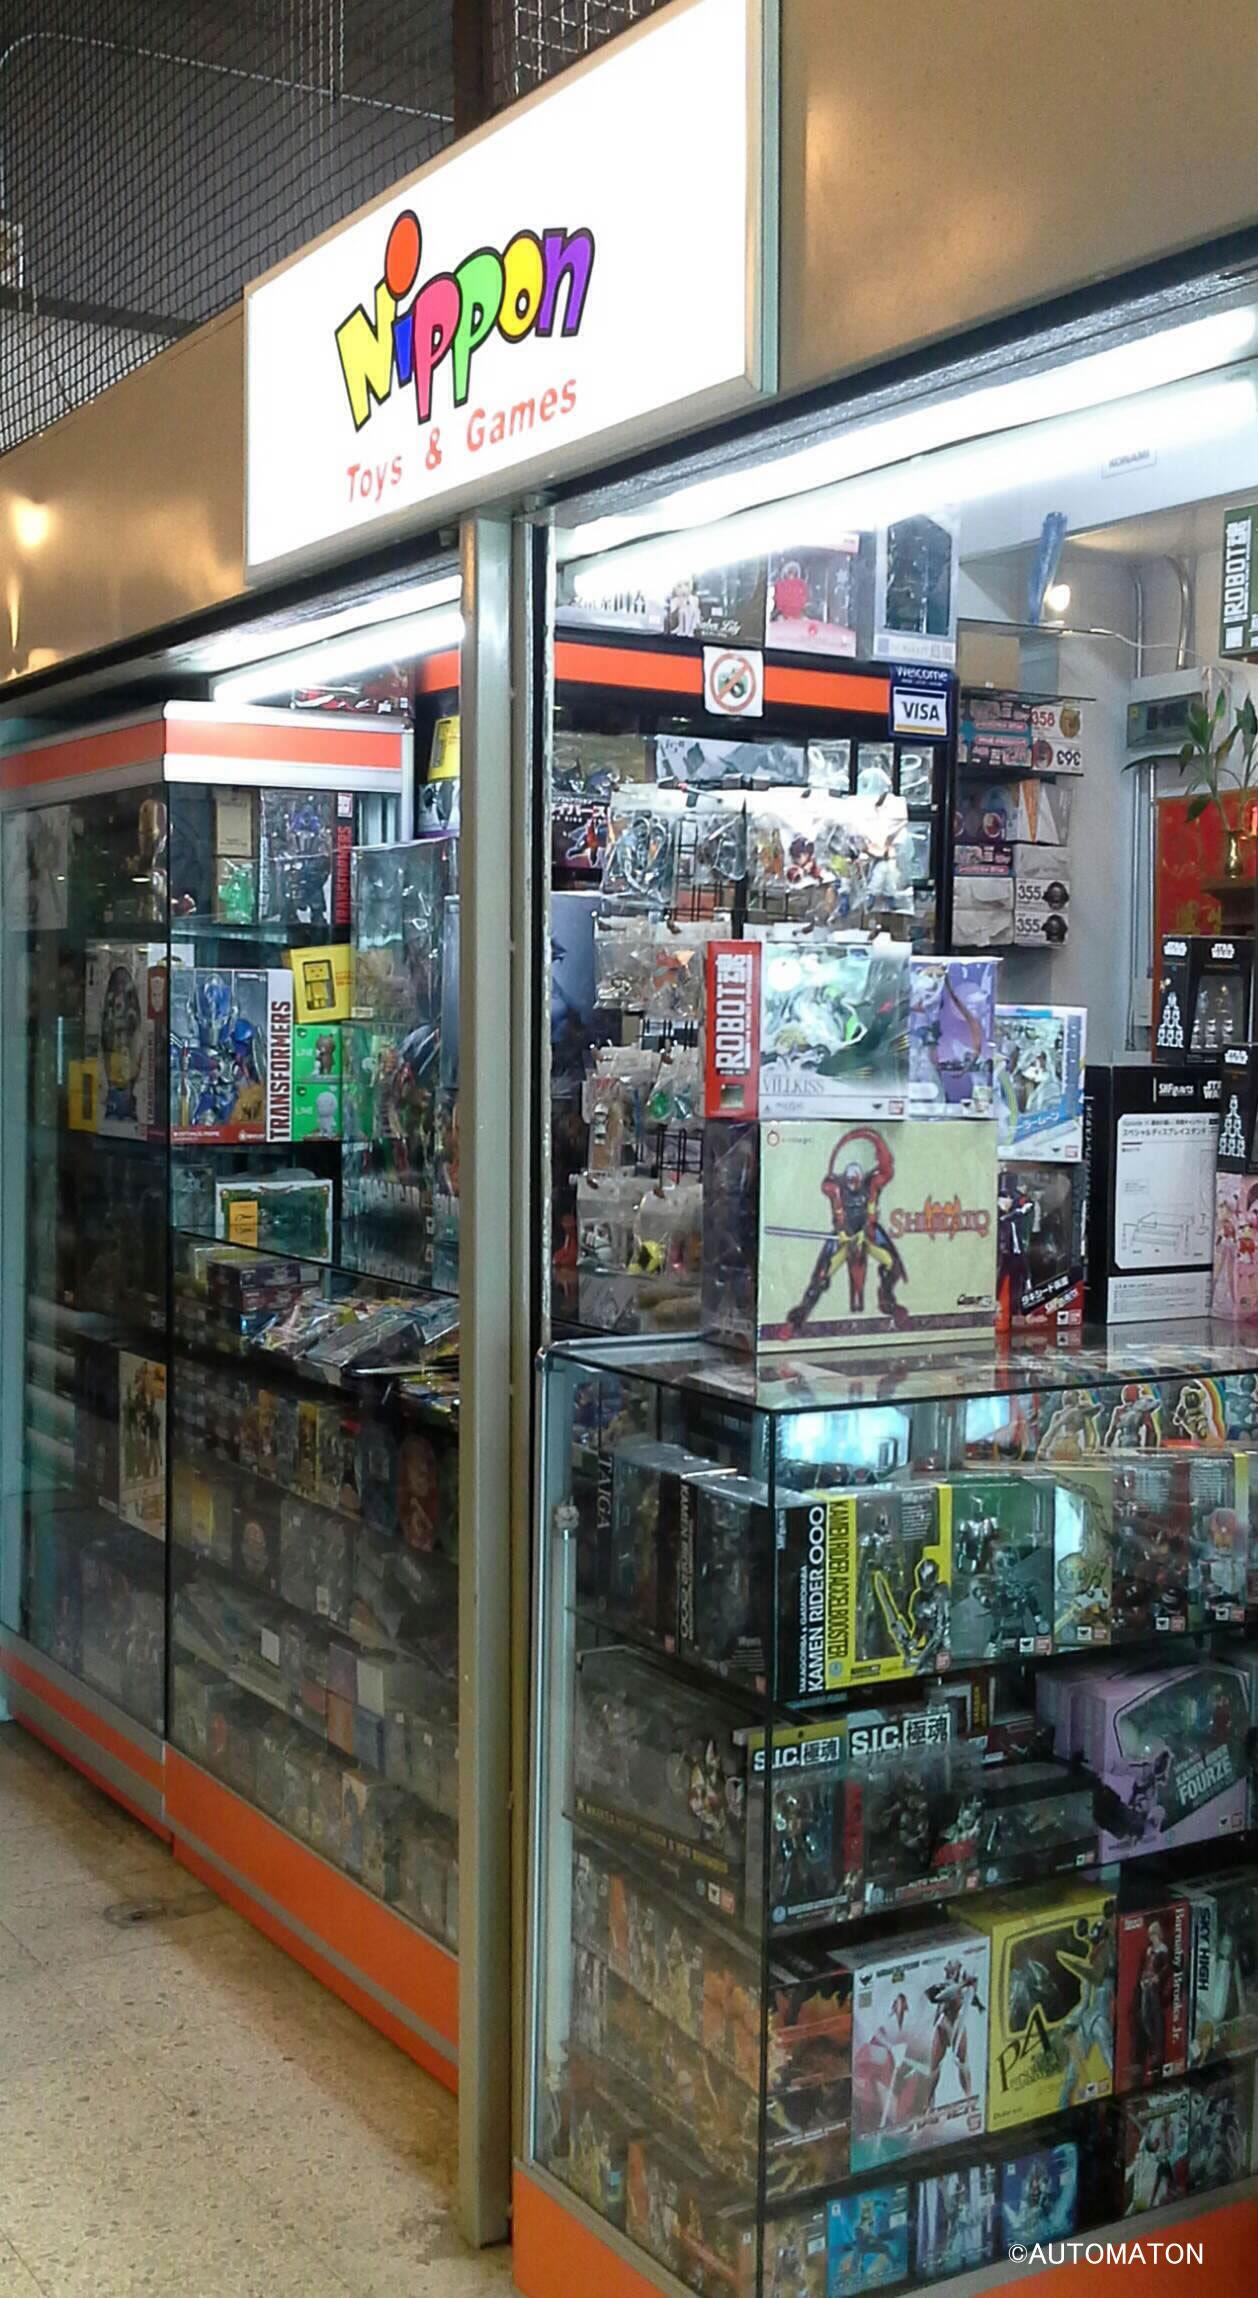 サパーンレック内の日本製玩具専門店。輸入品であることがセールスポイントだが、香港製の偽物も混じっている